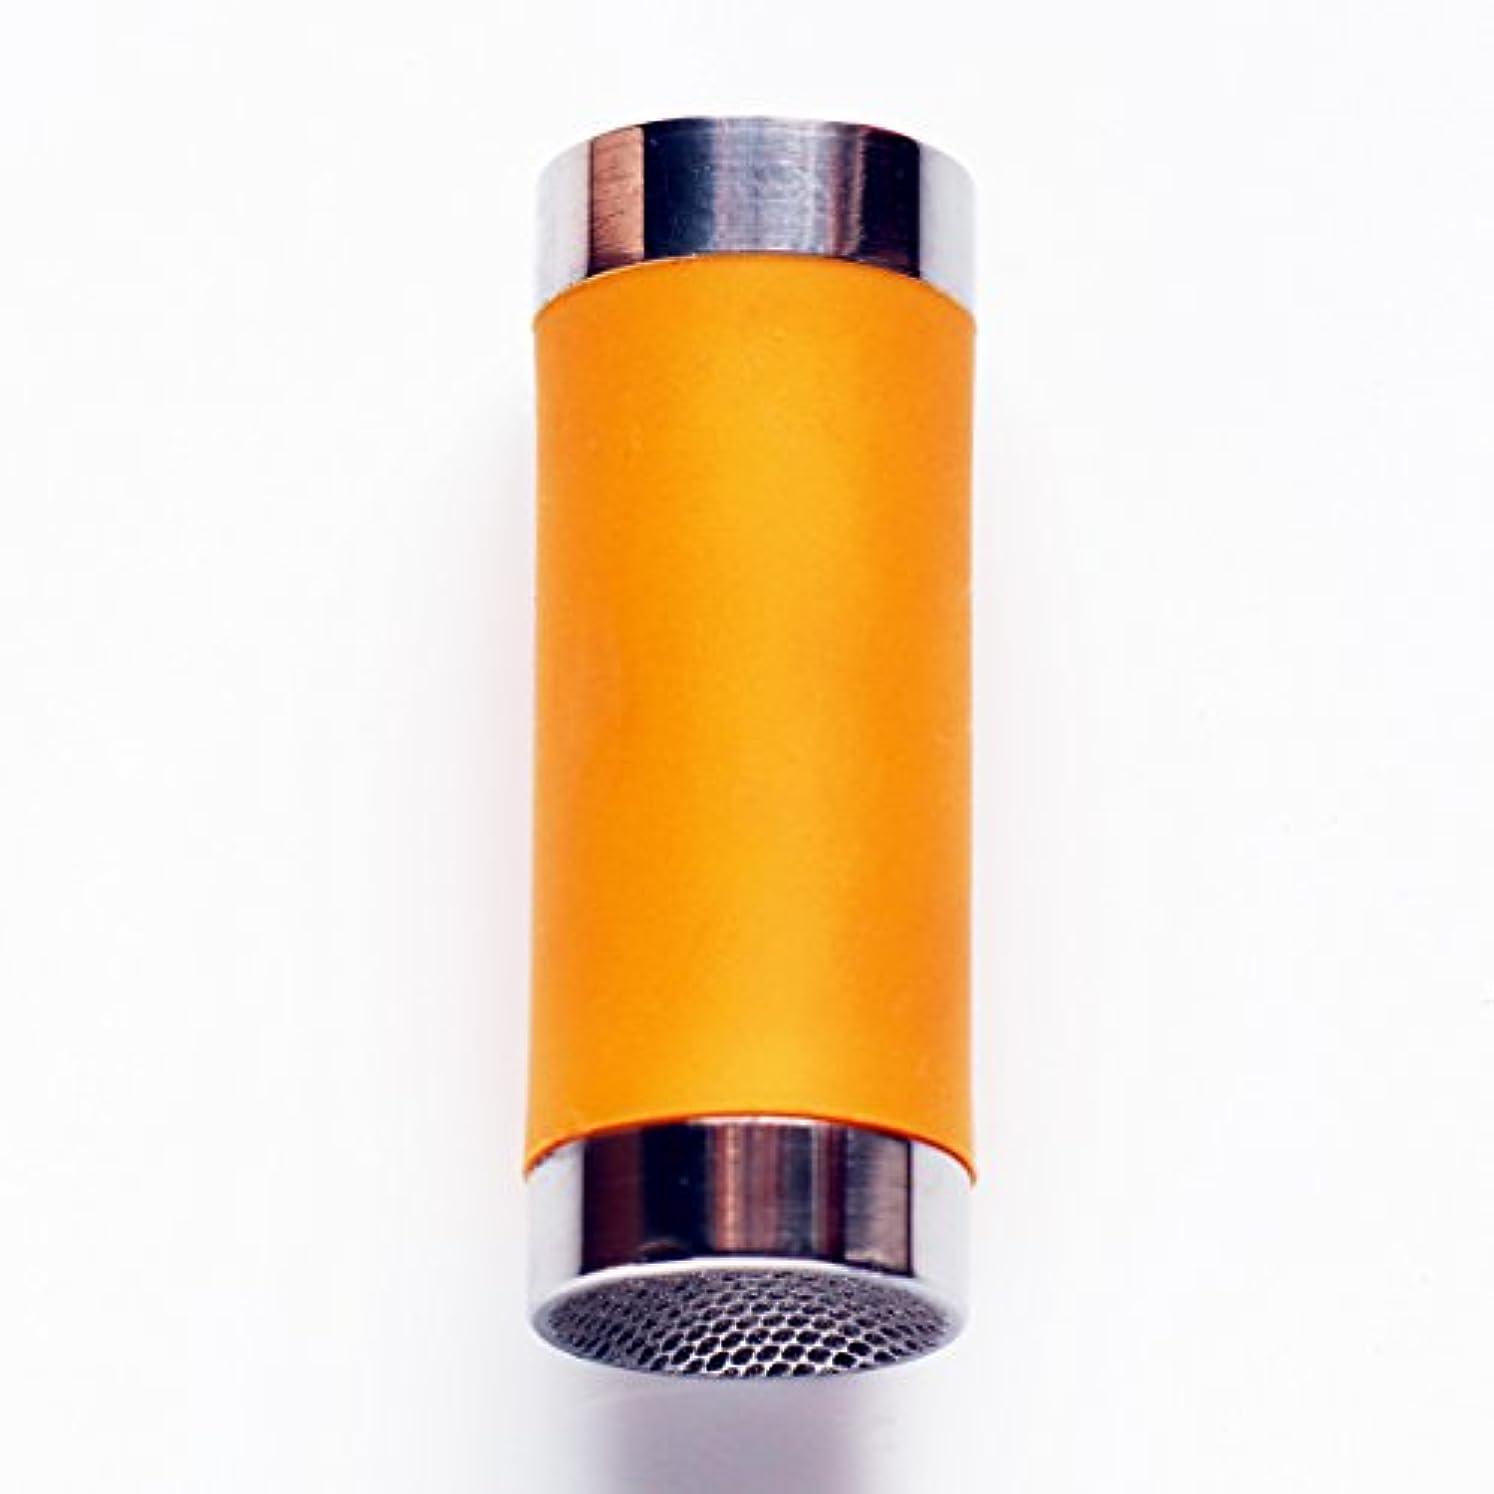 セマフォ便利さ世界の窓「toog爪削りトーグ」 爪の手入れは切るのでなく、安全に滑らかに研ぎ仕上ます。使用方法から生まれたトーグ。